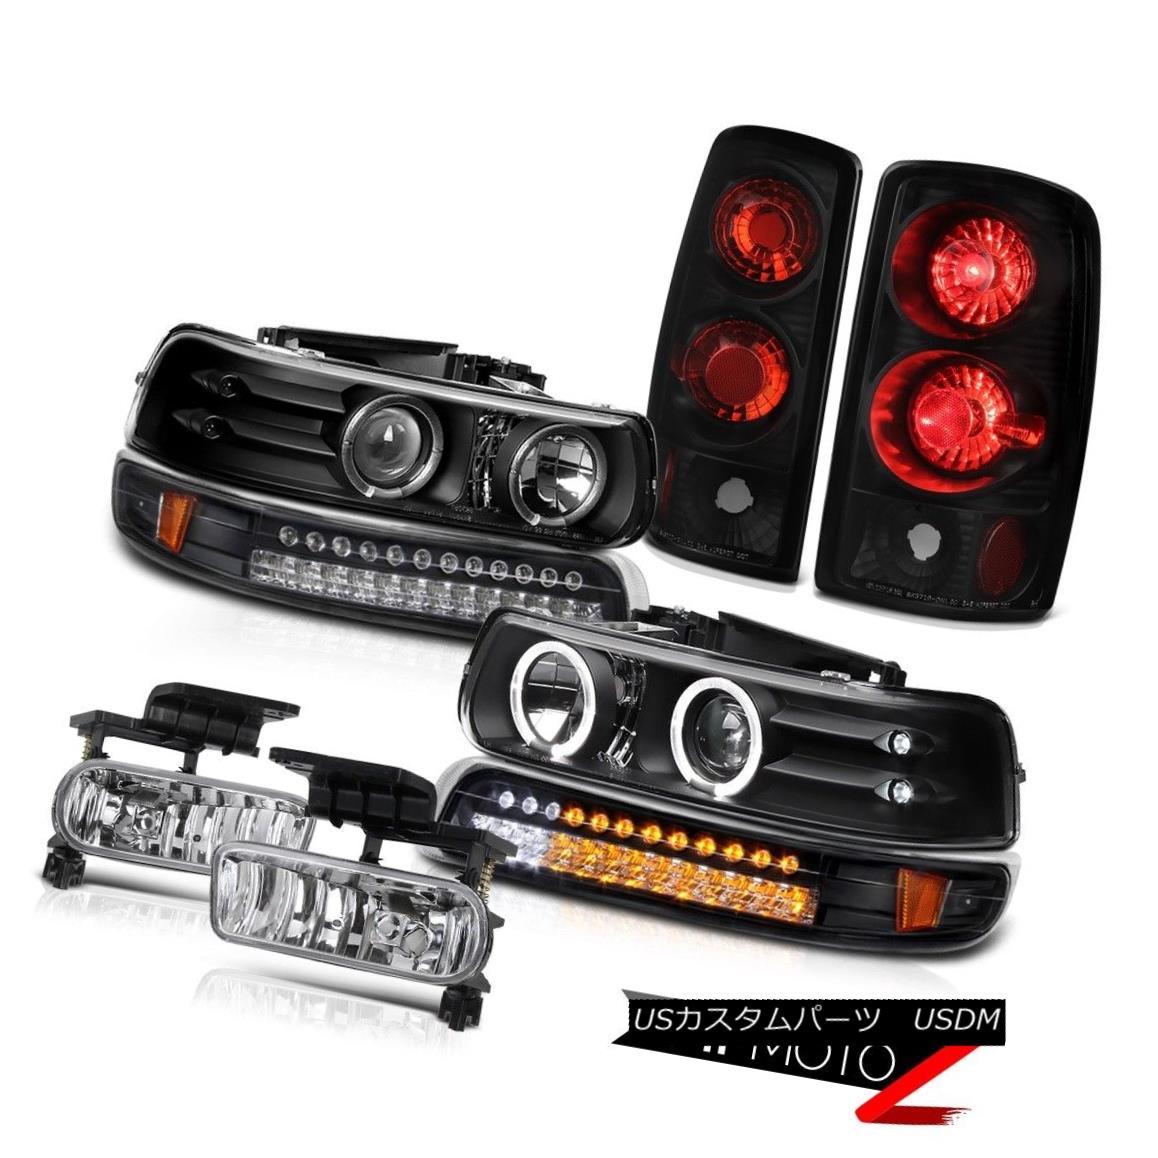 ヘッドライト Daytime Projector LED Parking Rear Black Brake Lamps Bumper Fog 00-06 Tahoe LS 昼間プロジェクターLED駐車パーキングリアブラックブレーキランプバンパーフォグ00-06タホLS